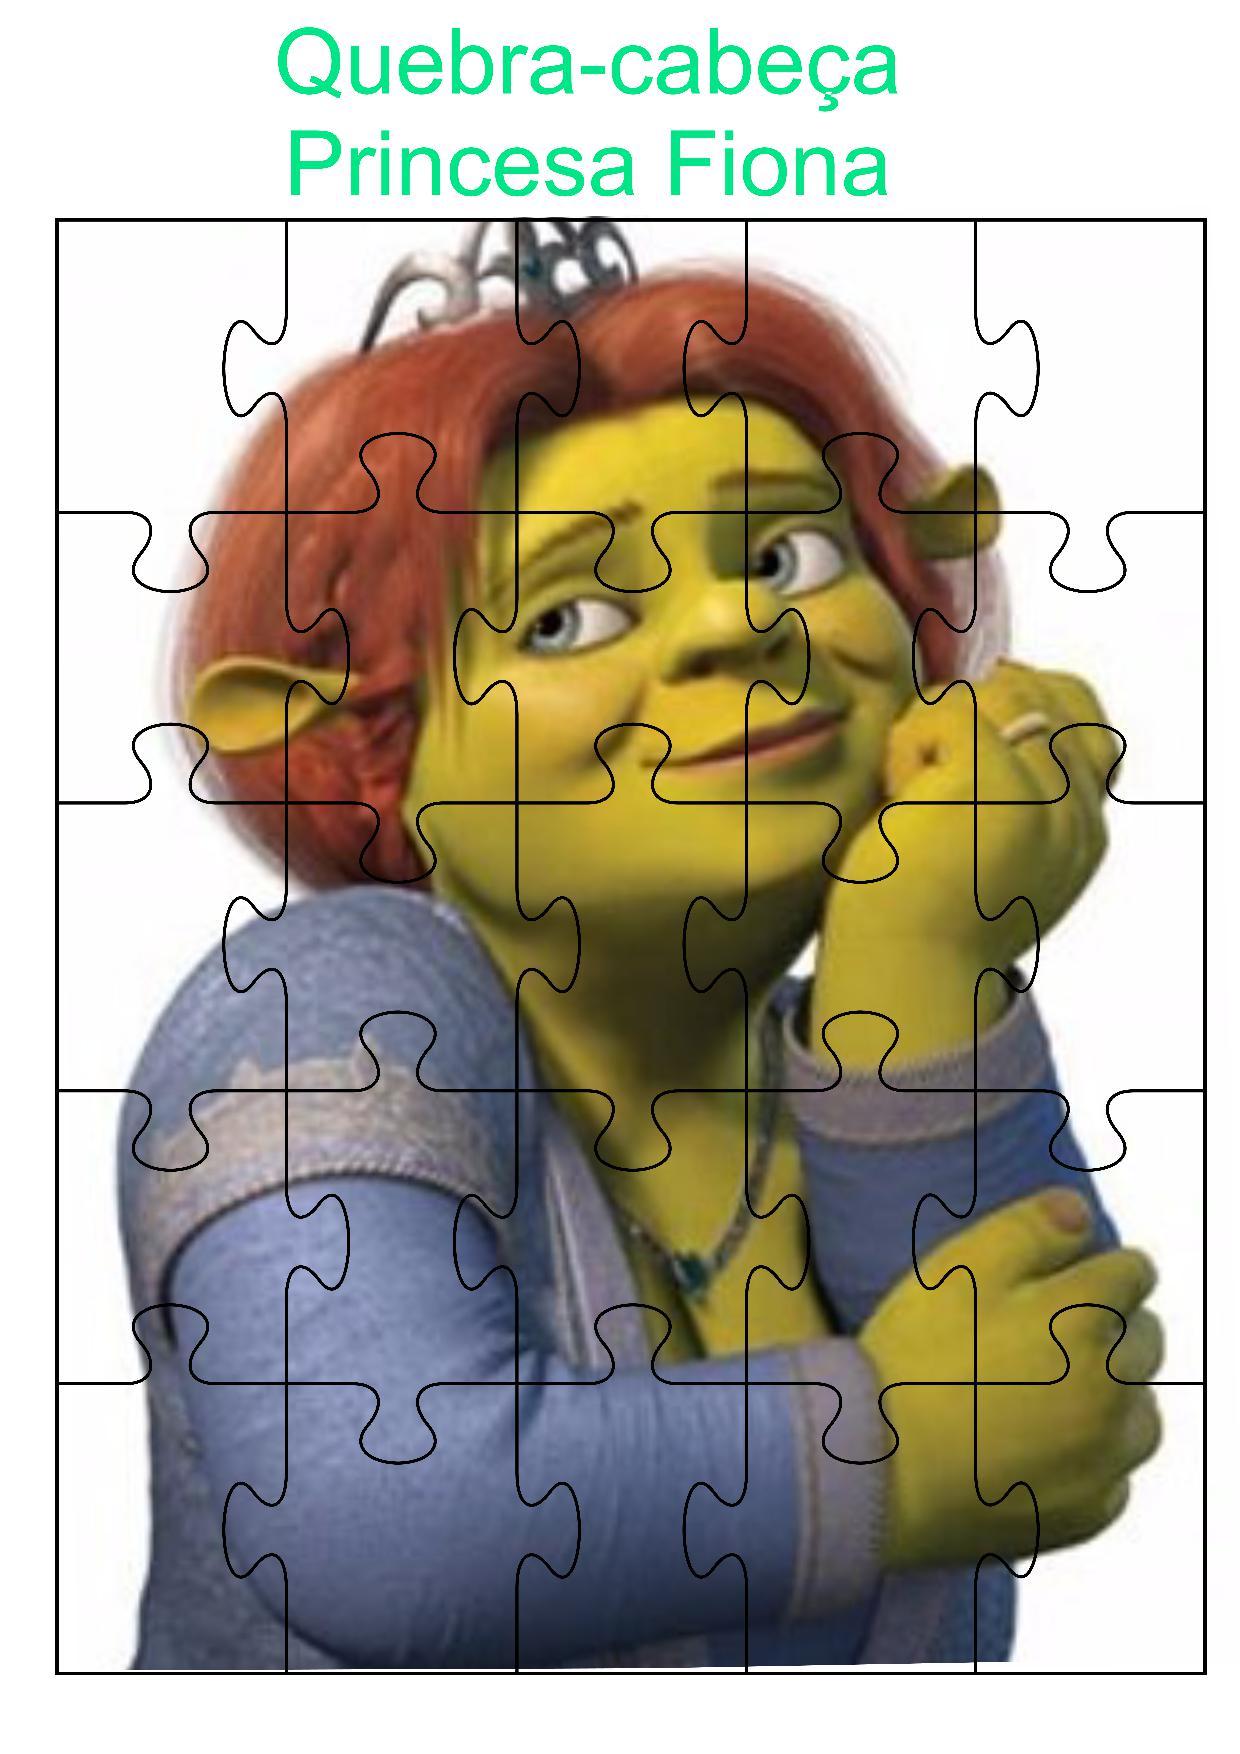 Quebra-cabeça princesa Fiona